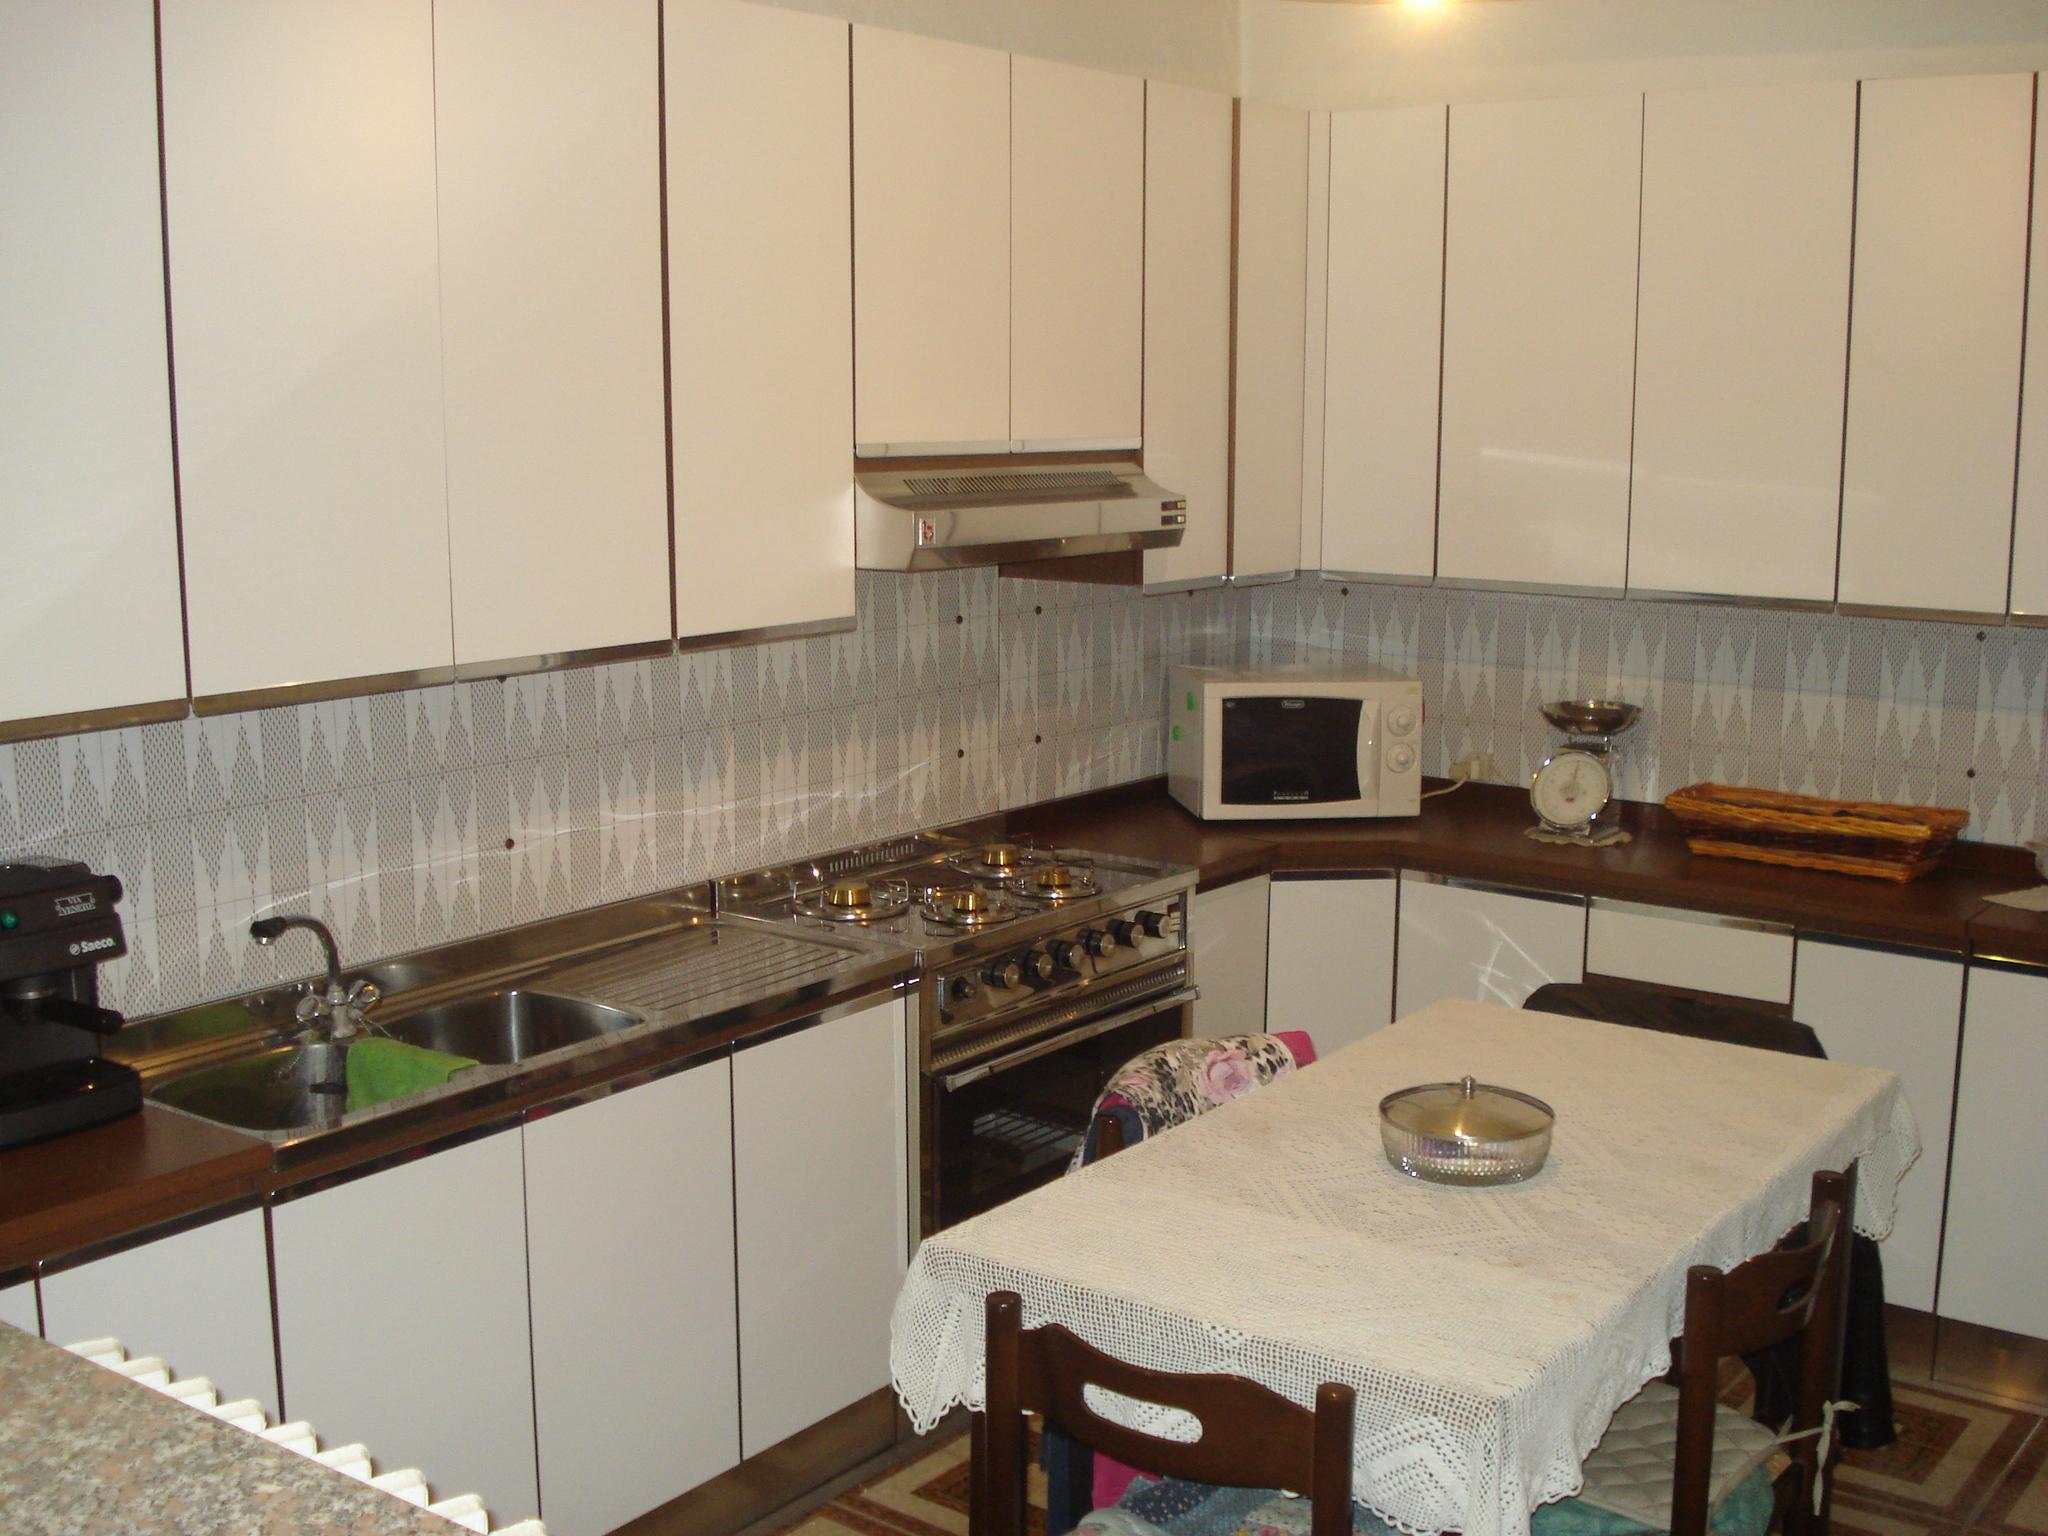 Venta 2 Habitaciones, Monza, Monza e Brianza, Italia, via bergamo  italia.re...